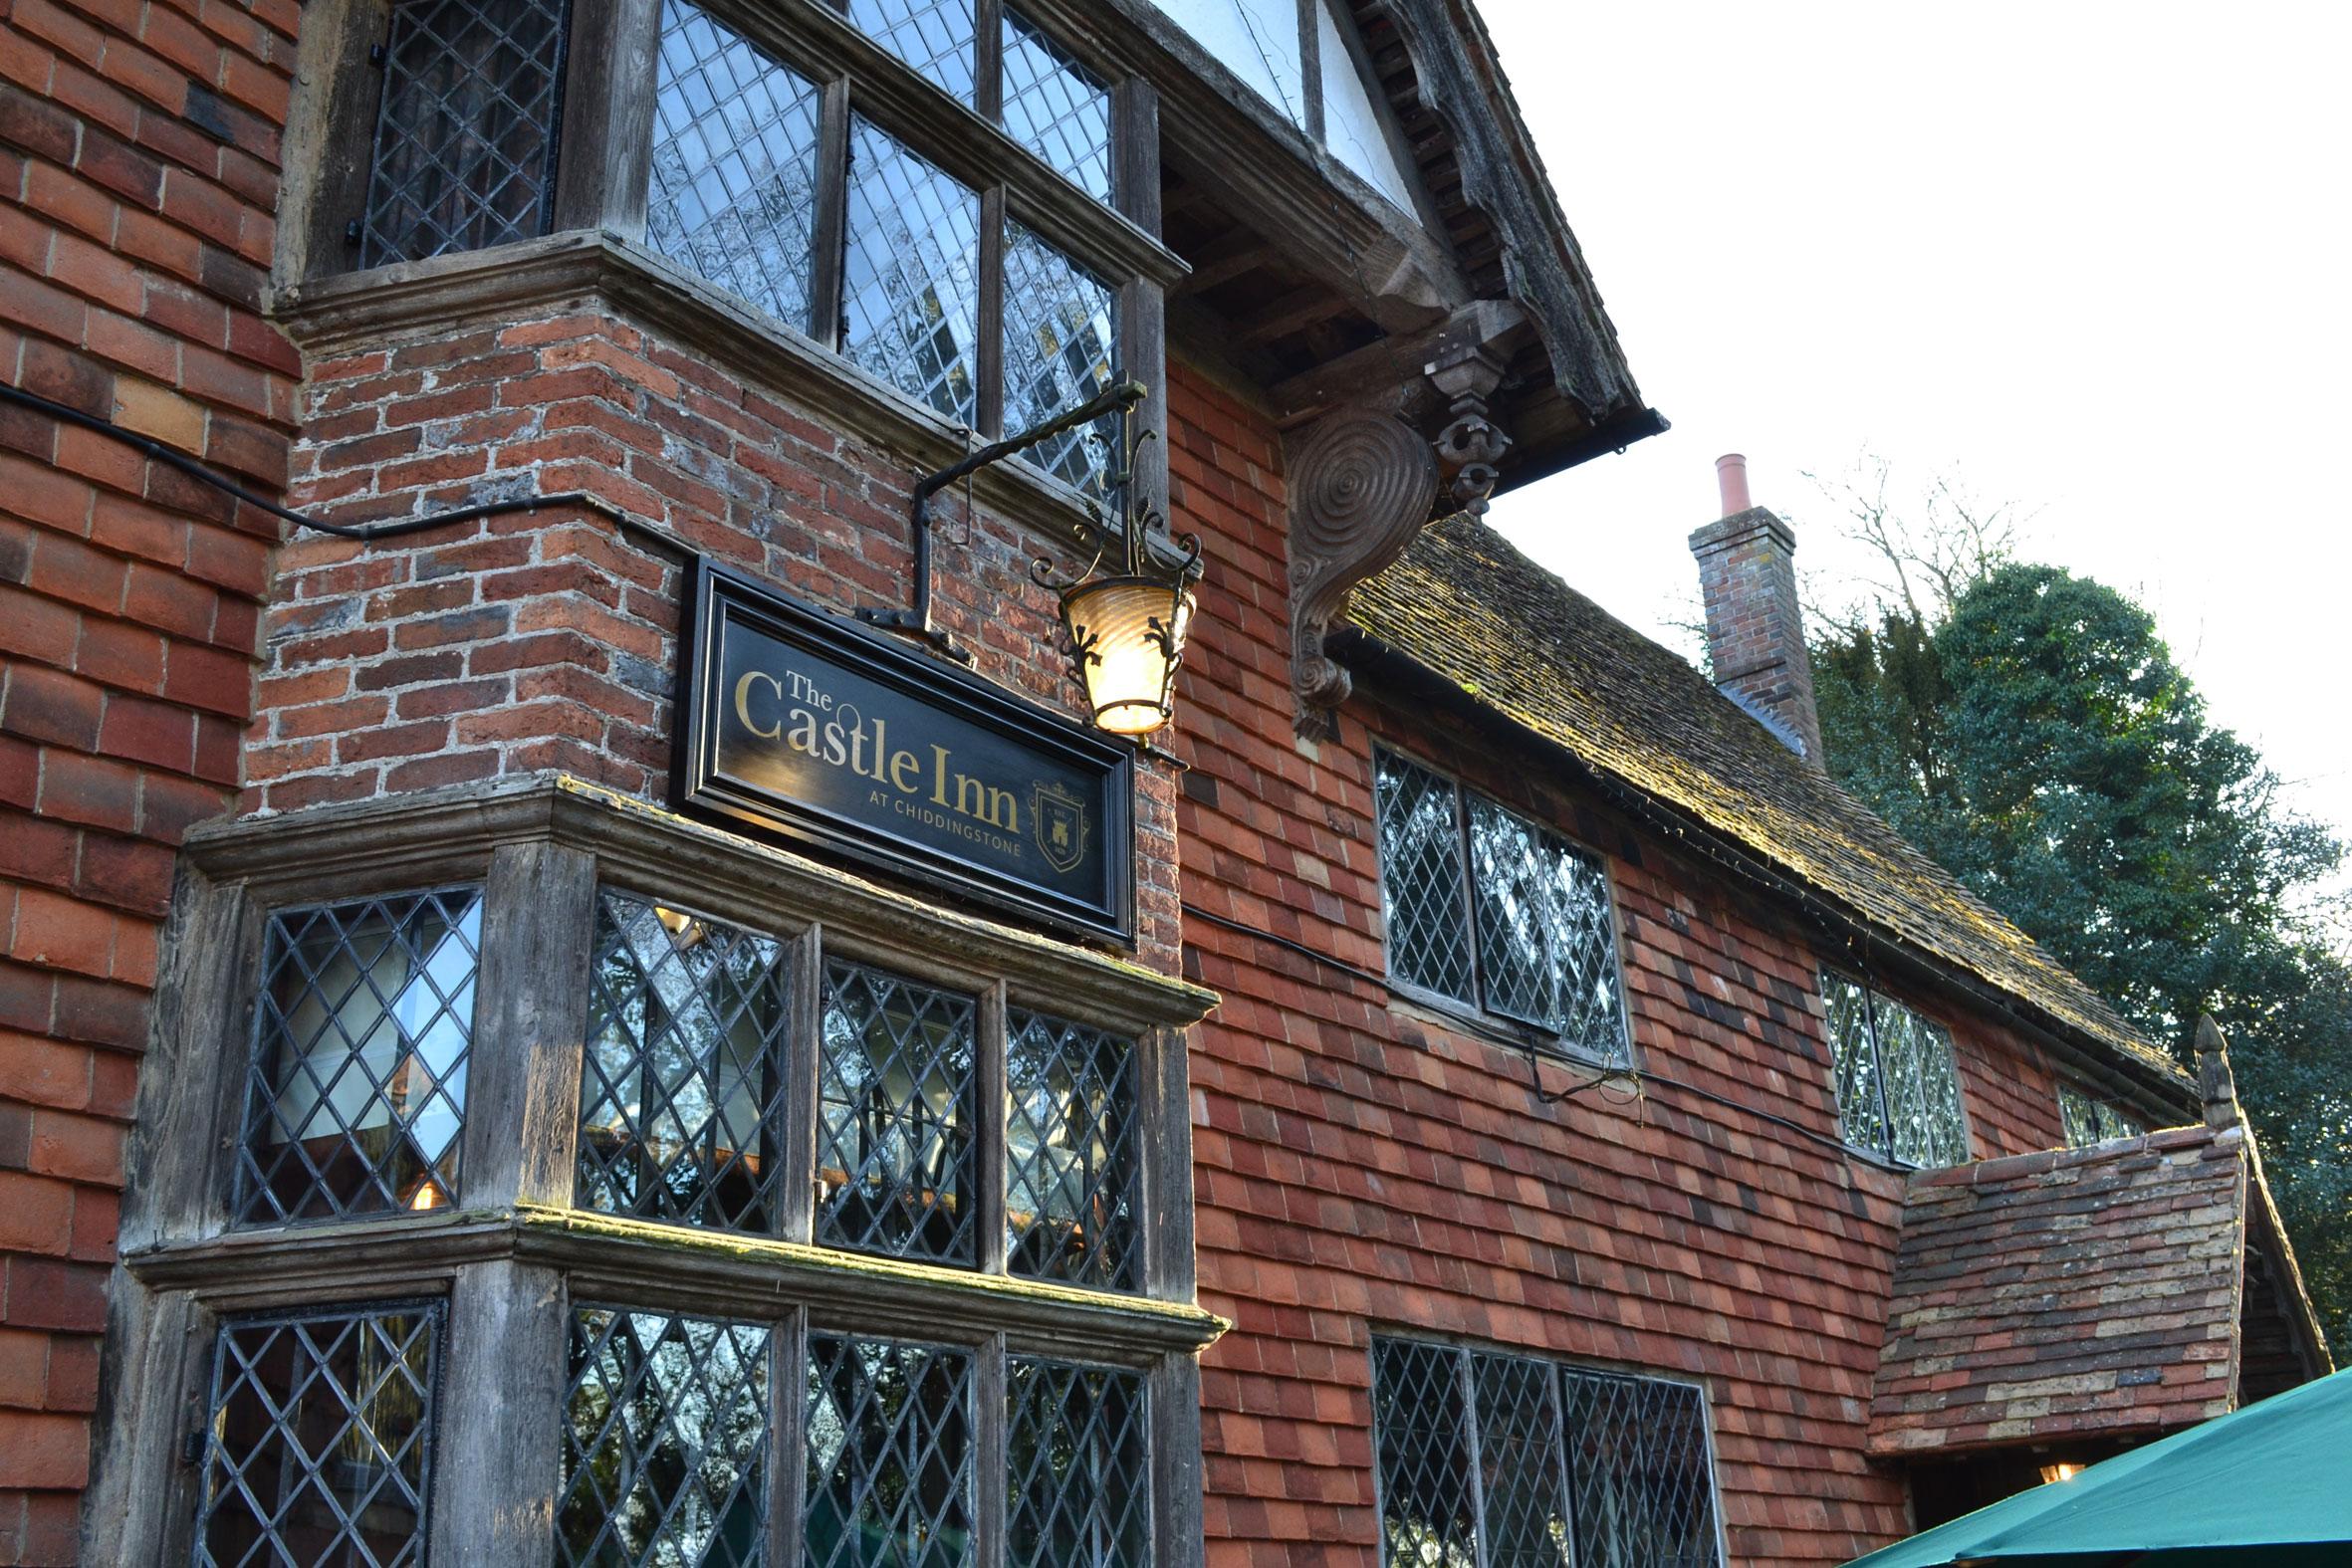 The Castle Inn, Chiddingstone